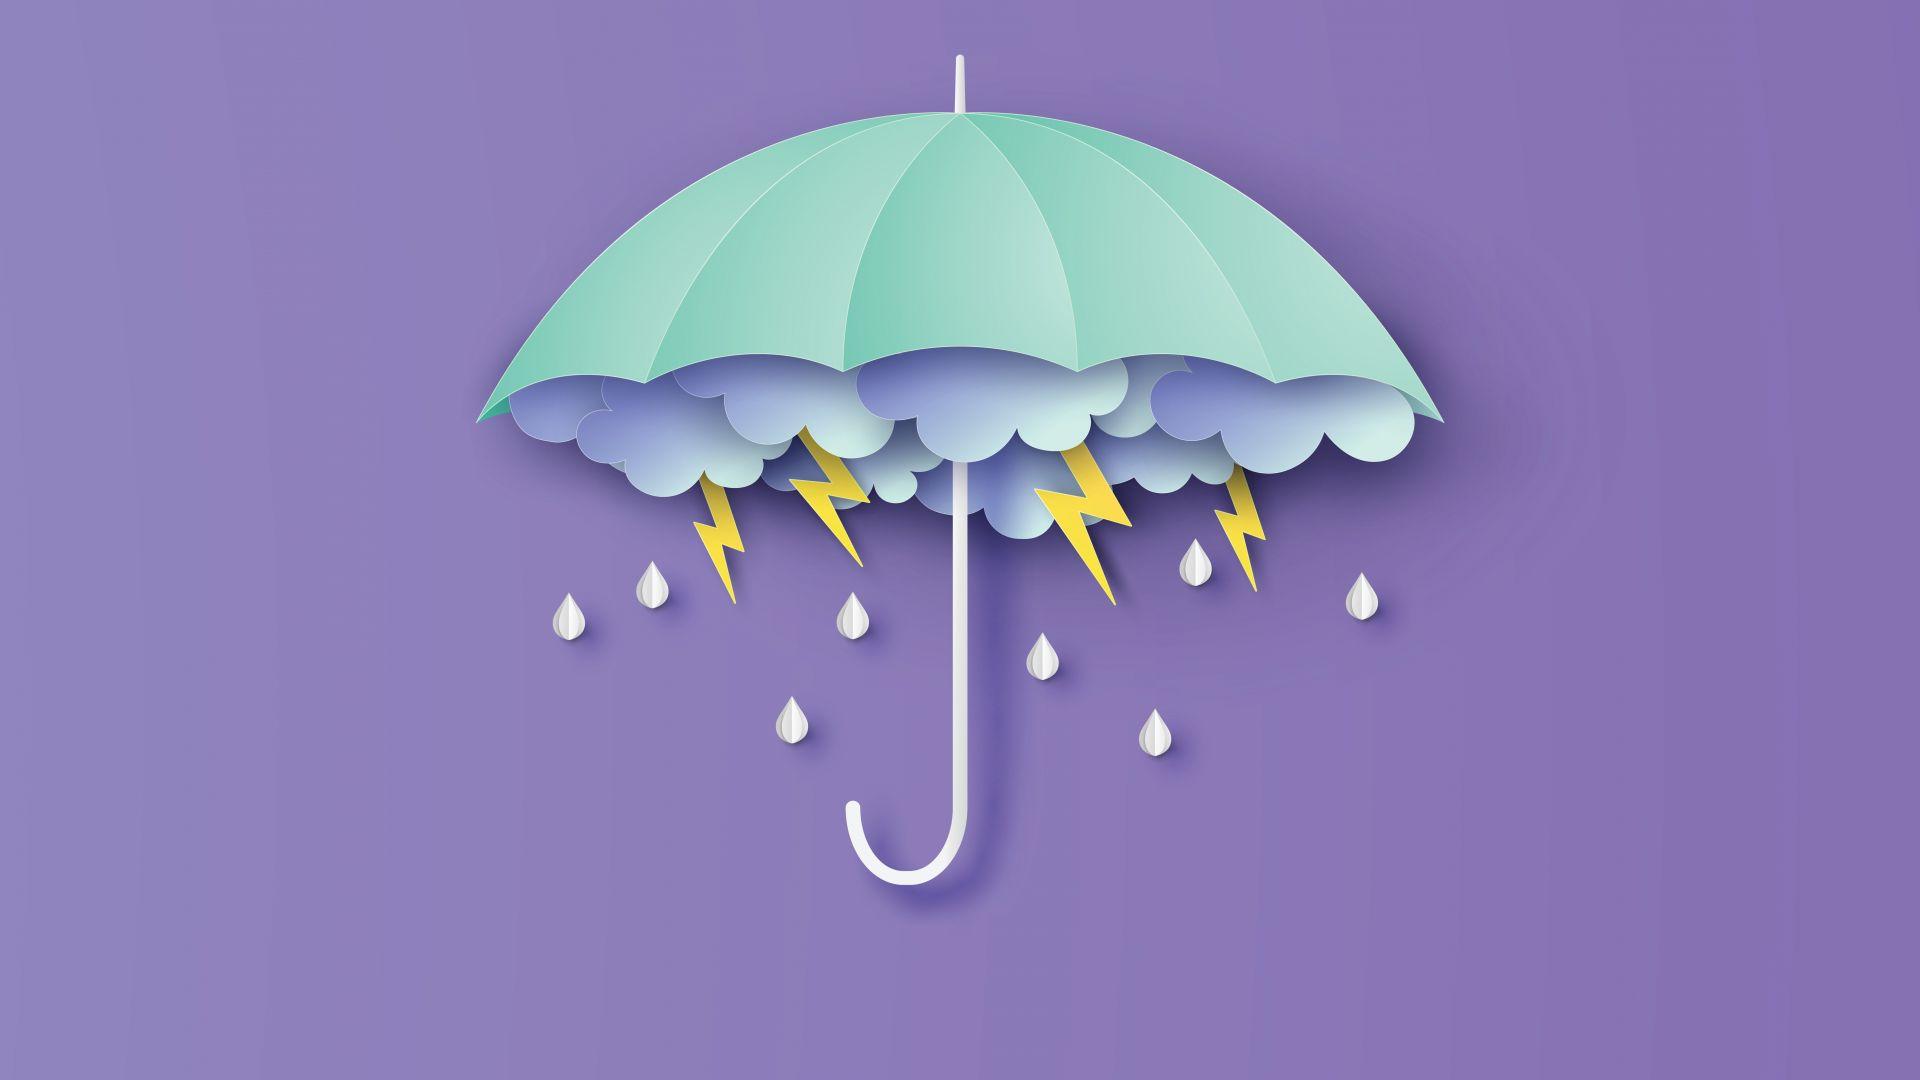 【自我檢測】濕氣太重?看身體10大訊號就知道